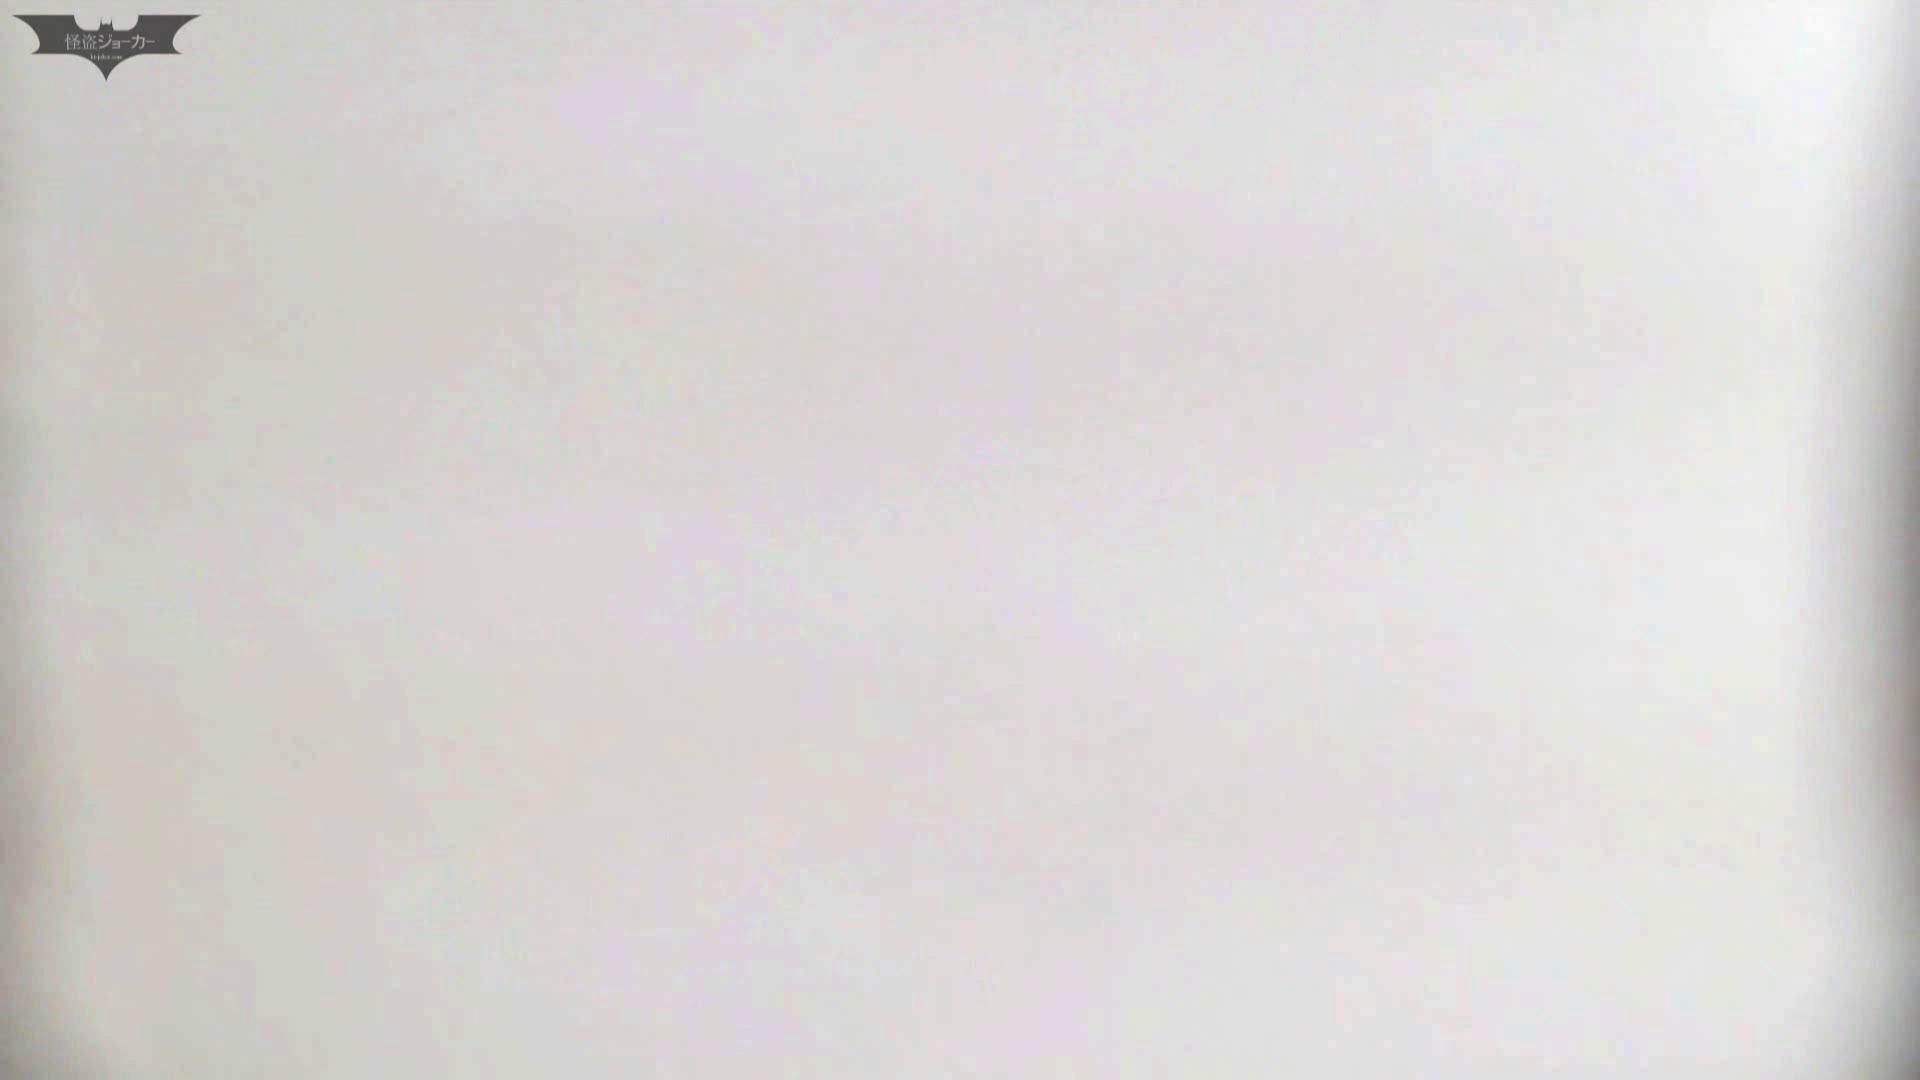 【潜入トイレ盗撮】洗面所特攻隊 vol.70 極上品の連続、歌いながら美女入室 盗撮エロすぎ | トイレ中  90連発 4